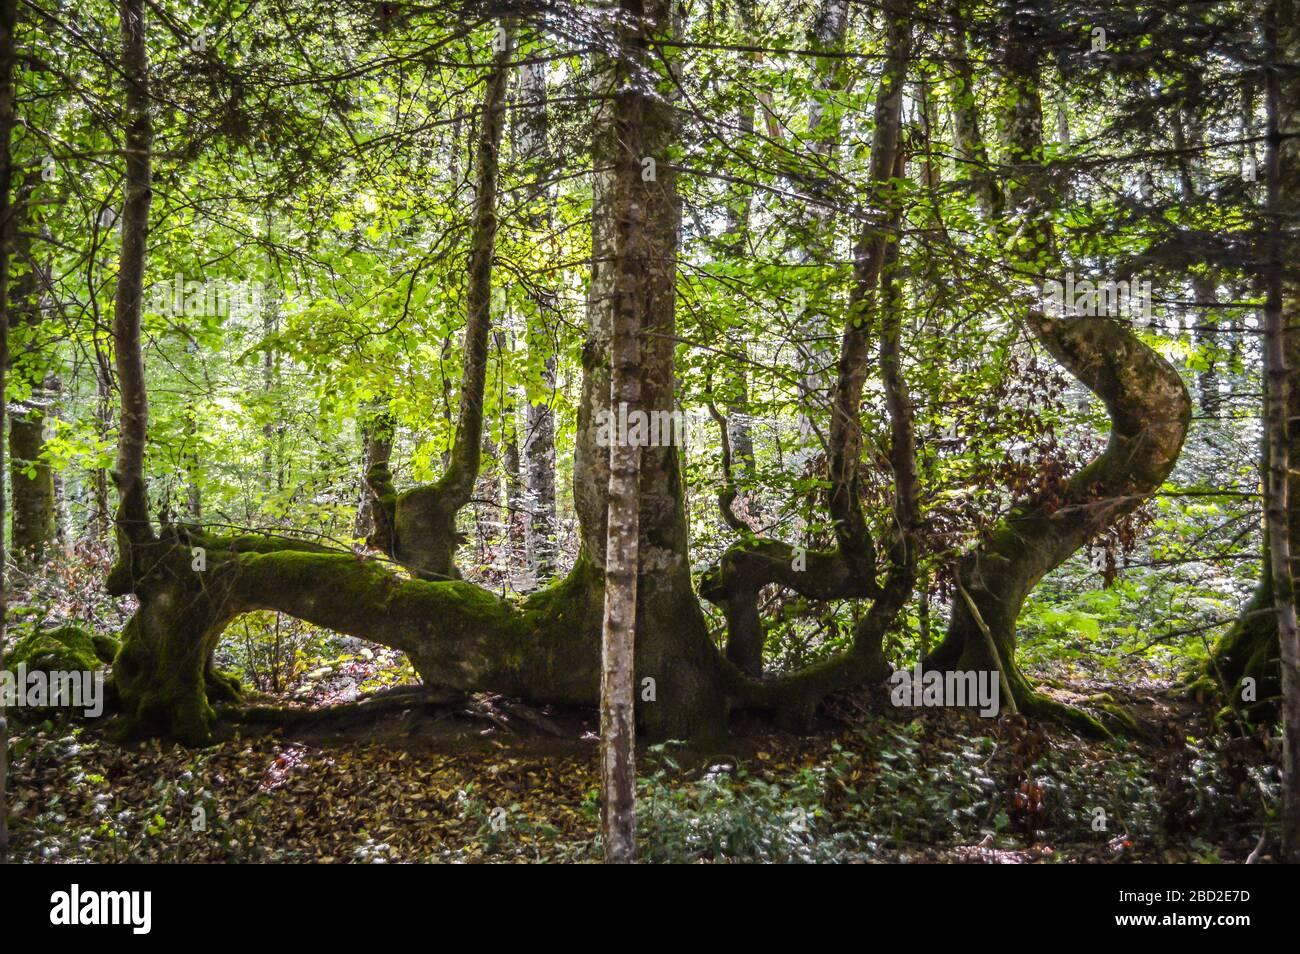 Árboles de forma extraña en el bosque, Corrèze, Francia. Foto de stock